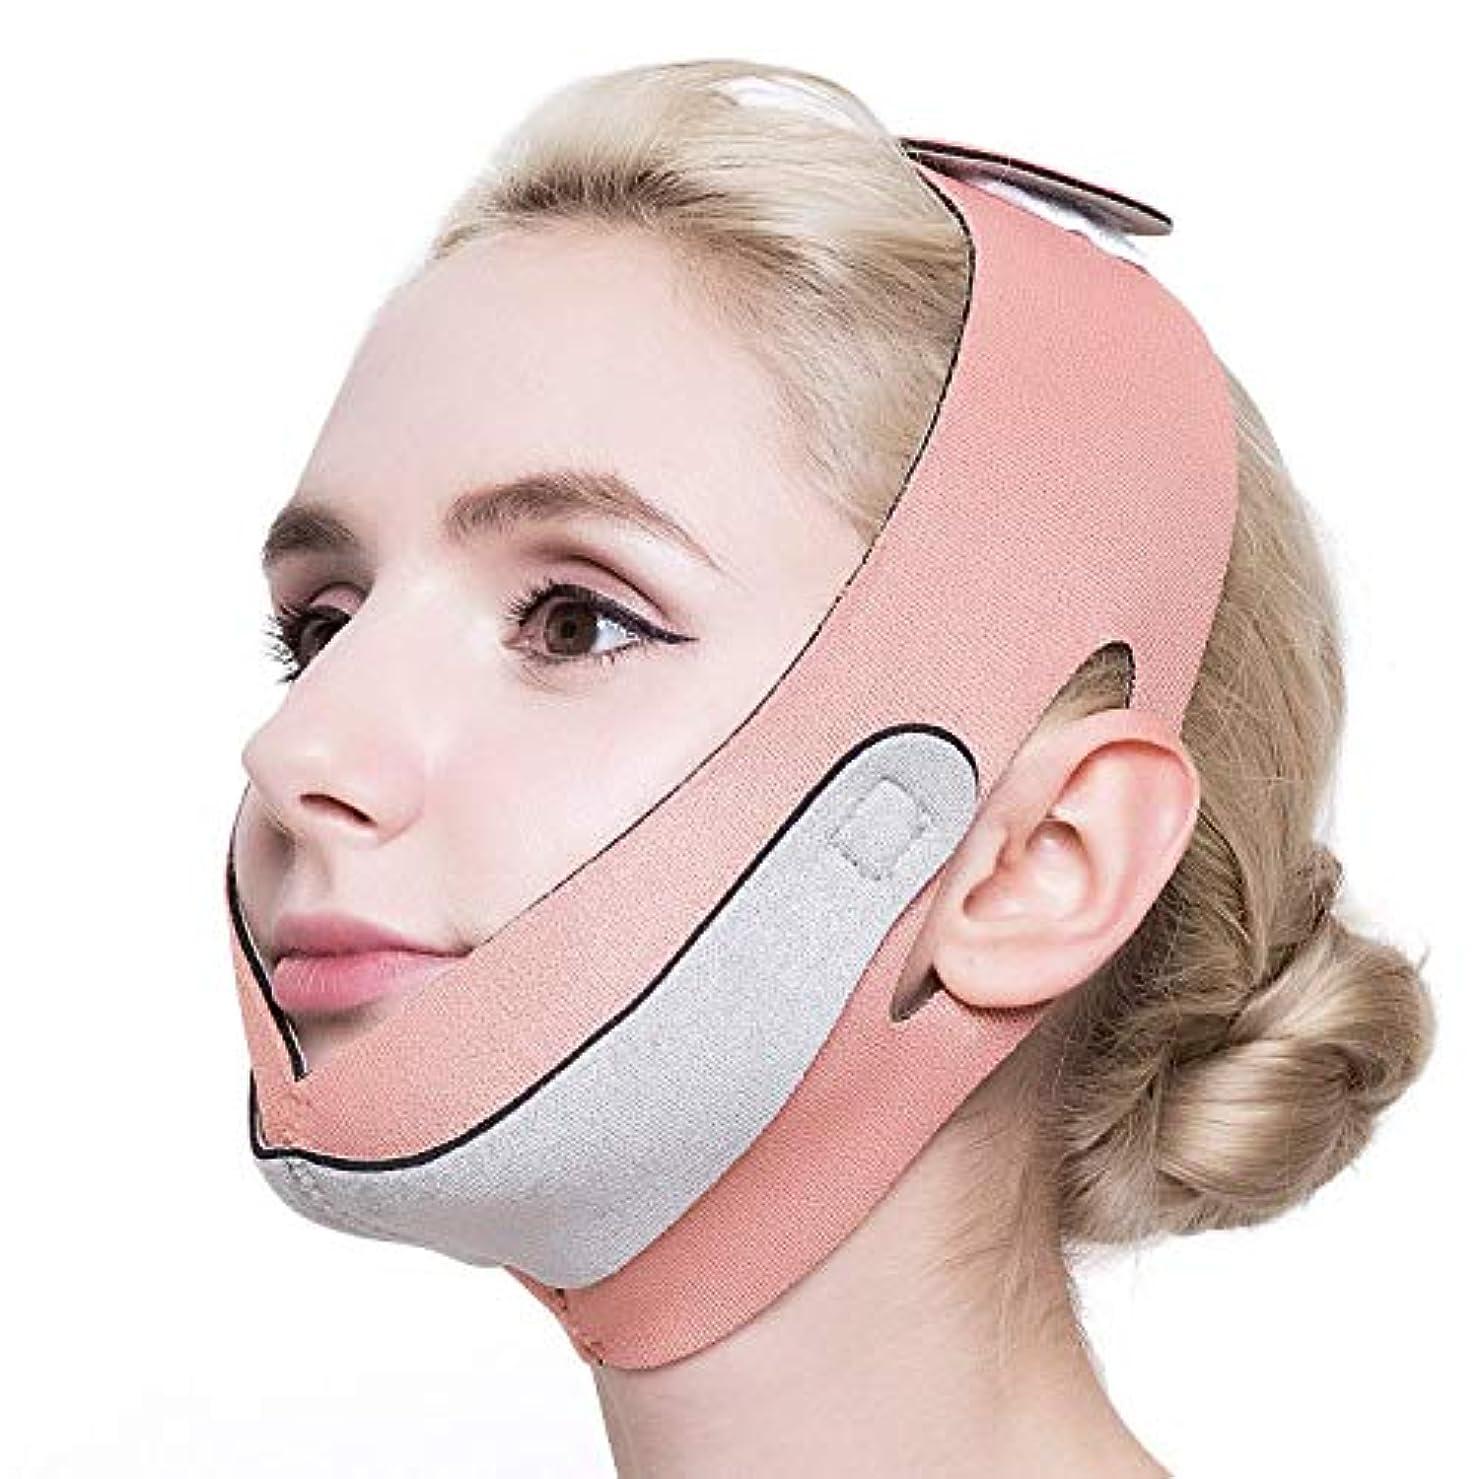 エッセンス合意調和のとれた小顔 矯正 顔痩せ グッズ フェイスマスク ベルト メンズ レディース